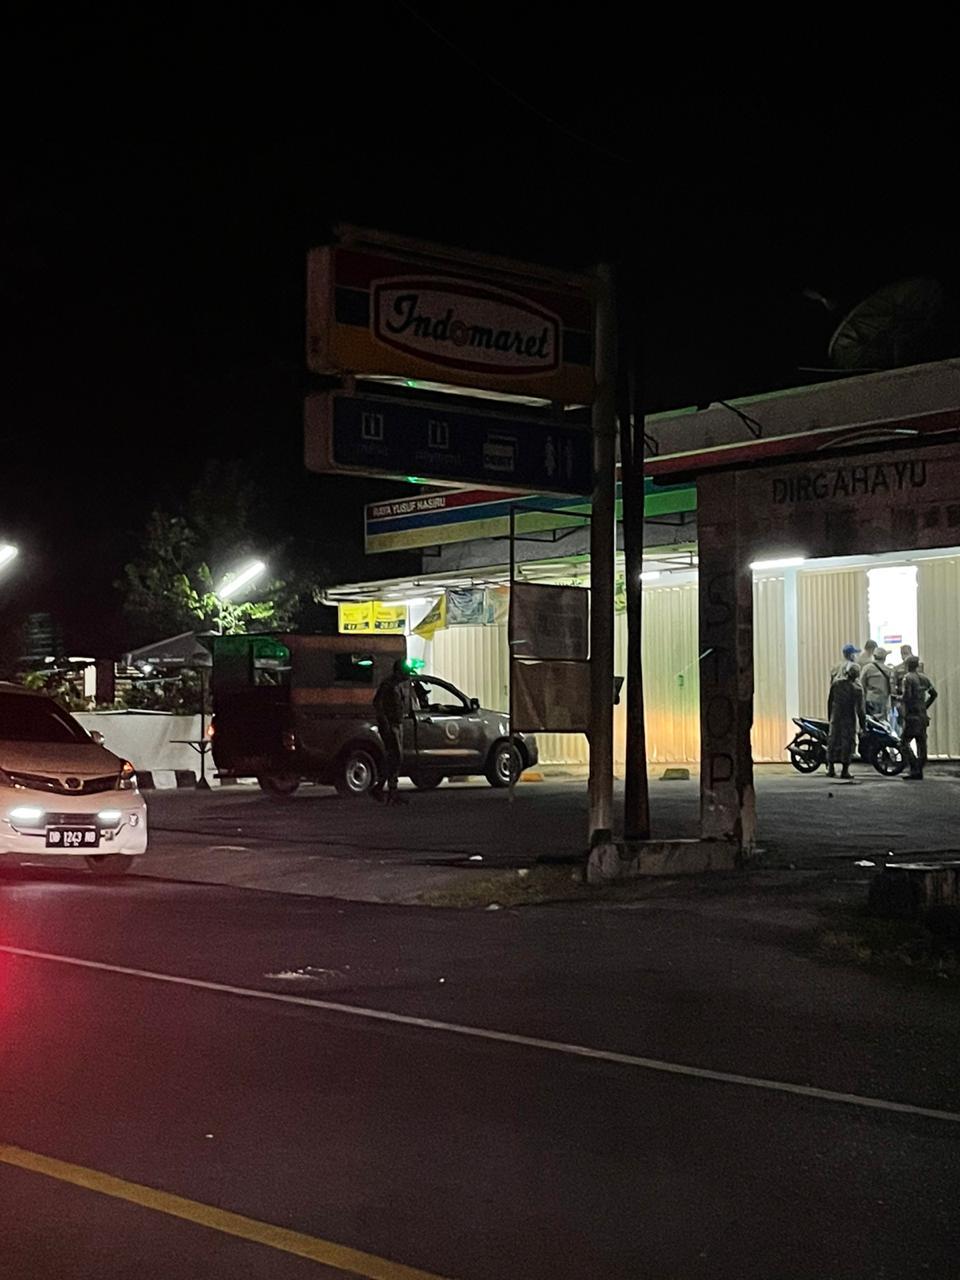 Pegawai Idomaret Kotobangon (samping kafe Chottafein) mendapat teguran petugas karena masih membuka toko hingga melewati jam yang ditentukan oleh pemerintah. (foto; Theza Gobel)